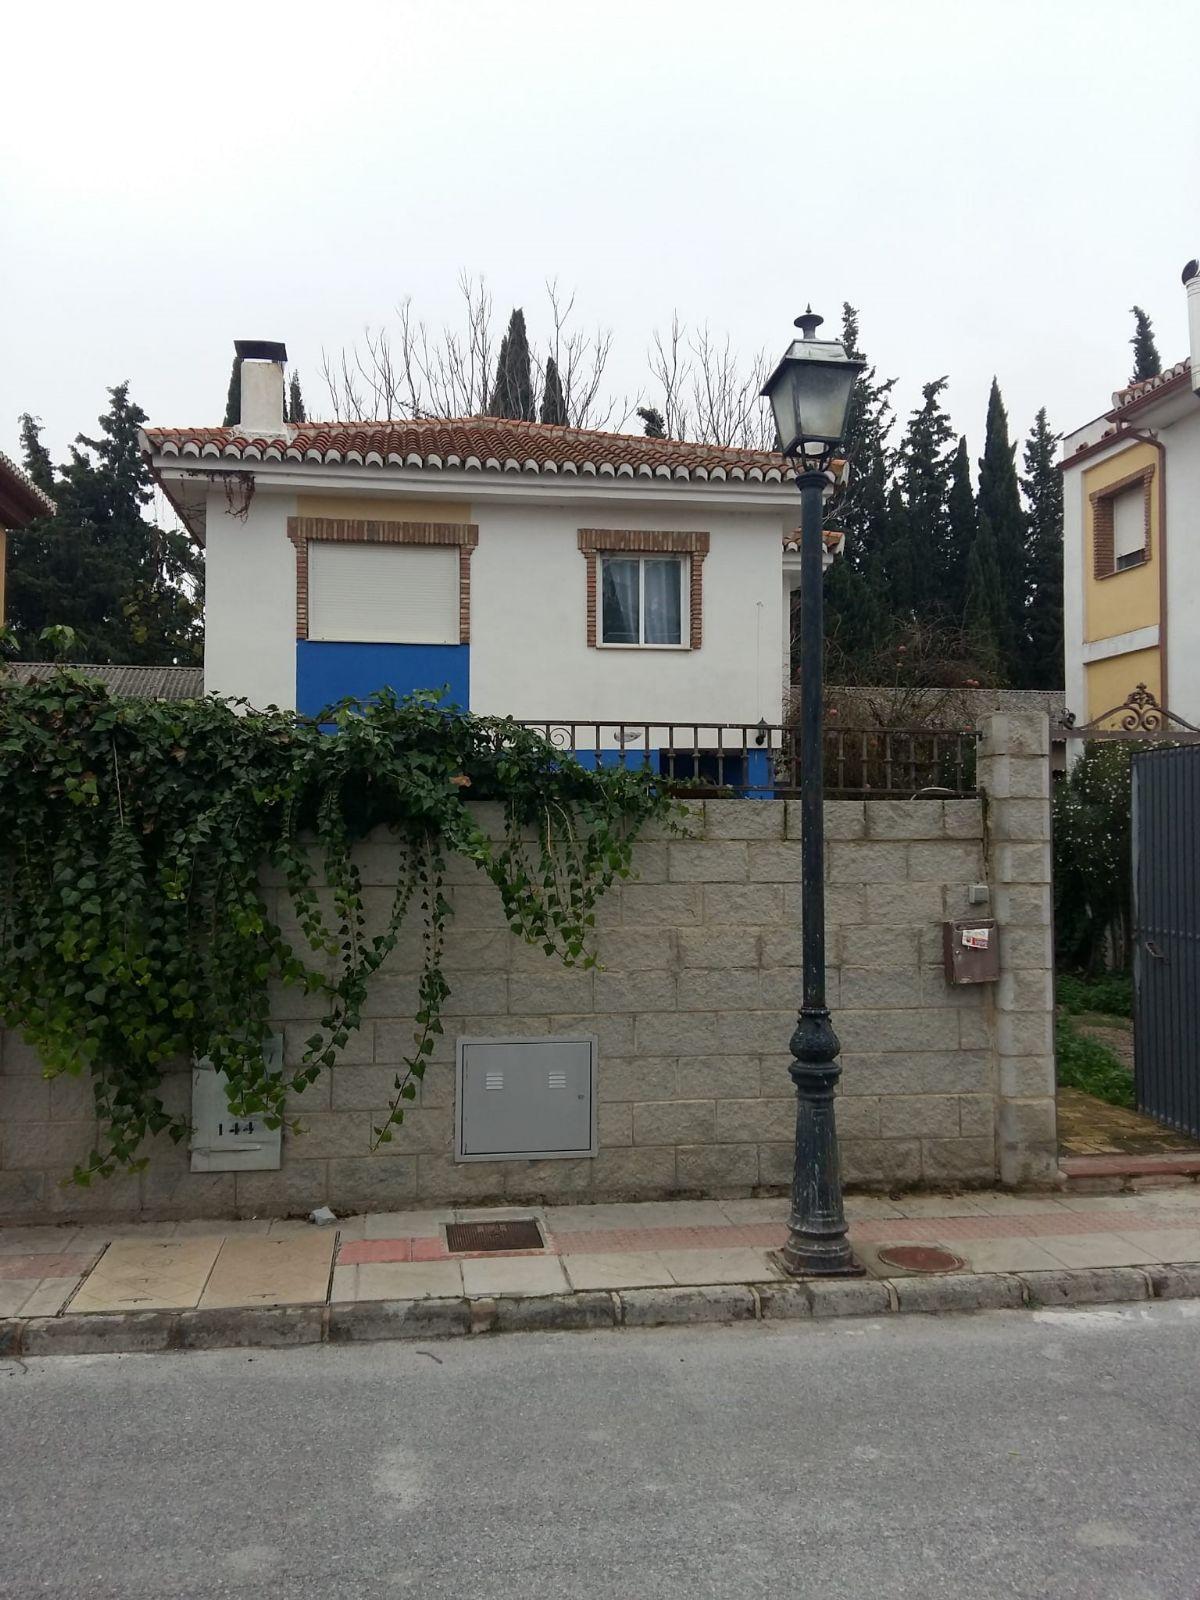 Casa en venta en Fuente Vaqueros, Fuente Vaqueros, Granada, Paseo de la Casa Real, 79.000 €, 3 habitaciones, 1 baño, 91 m2